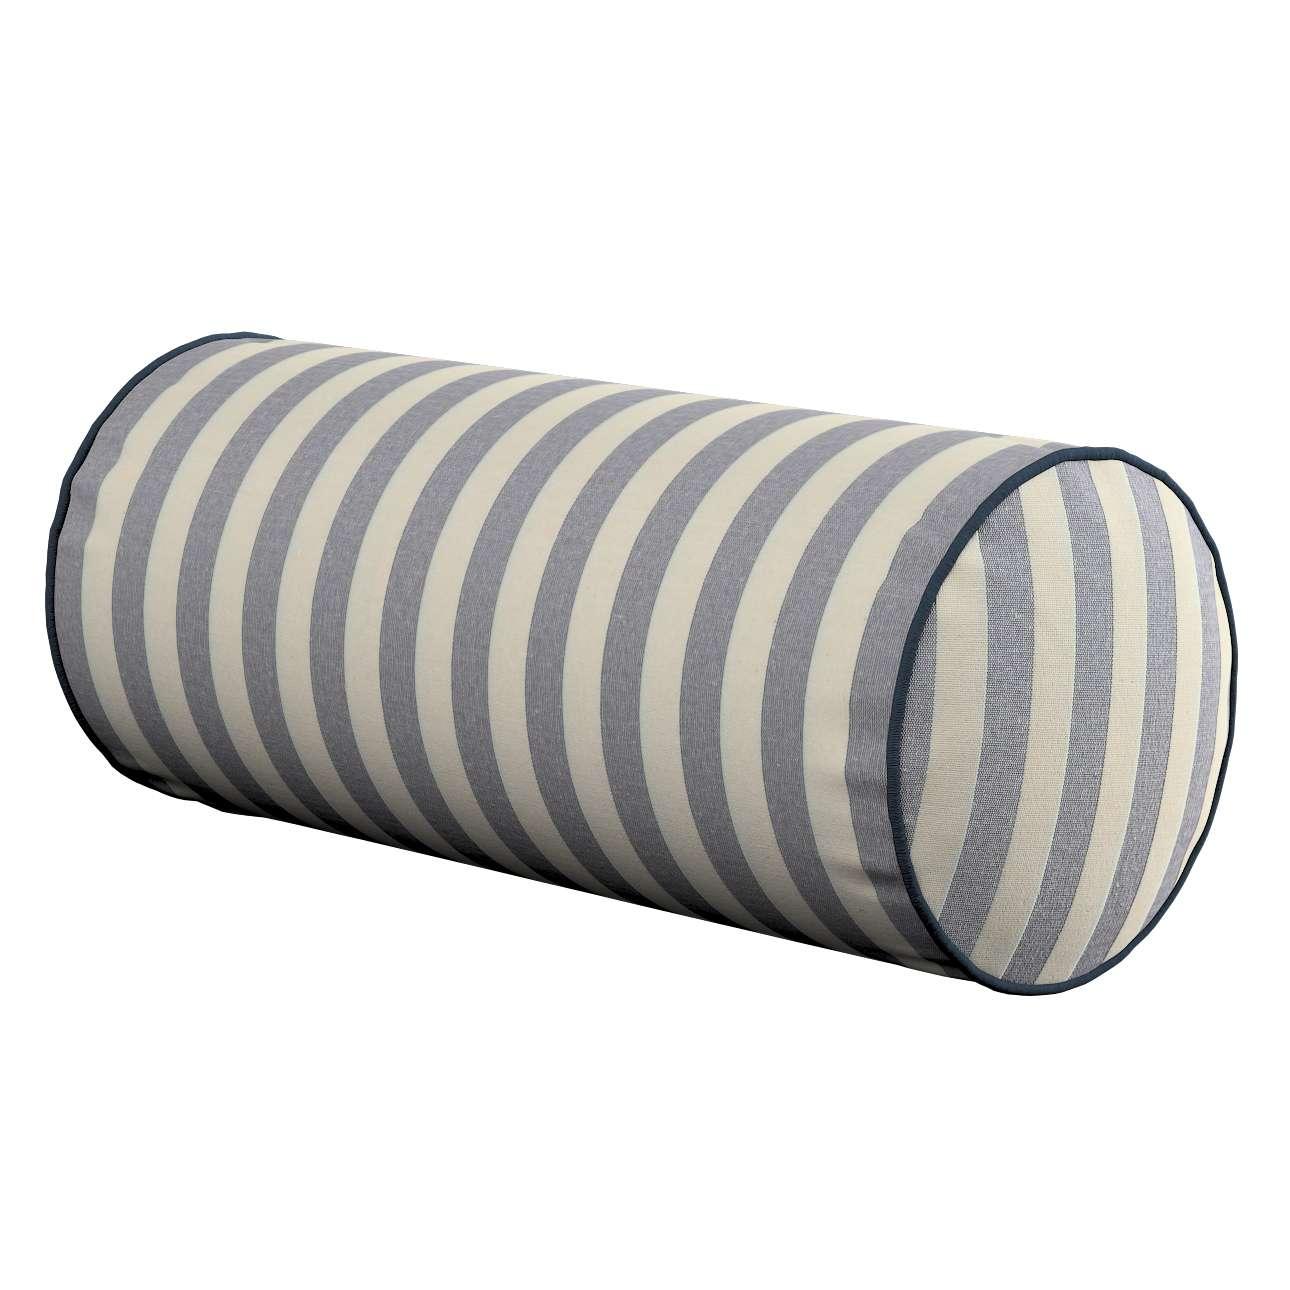 Poduszka wałek prosty Ø 16 x 40 cm w kolekcji Quadro, tkanina: 136-02